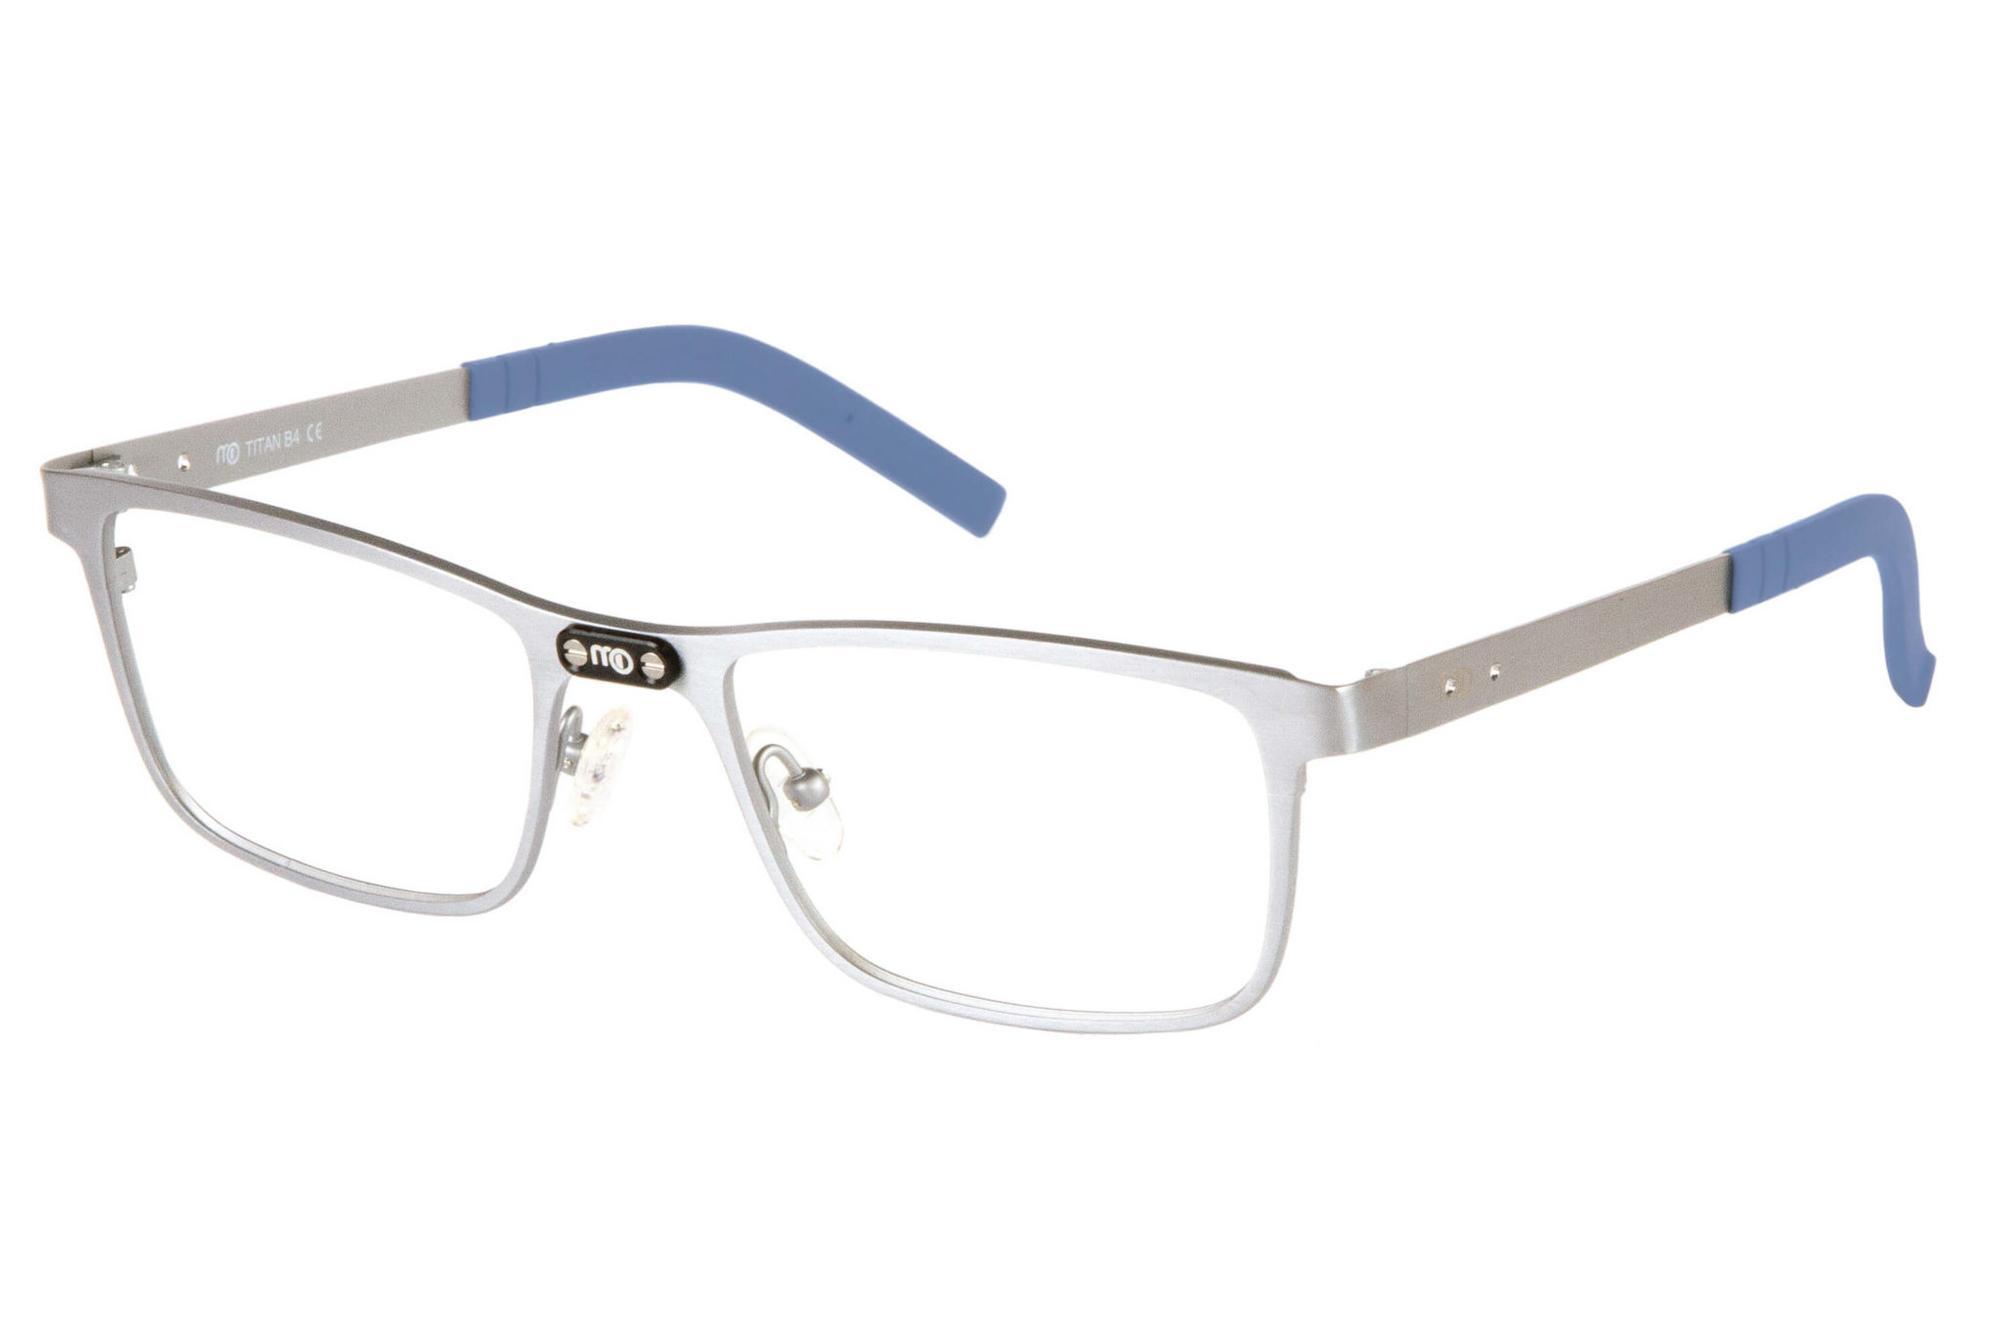 Frame Mooptics Titan B4 Main Blue